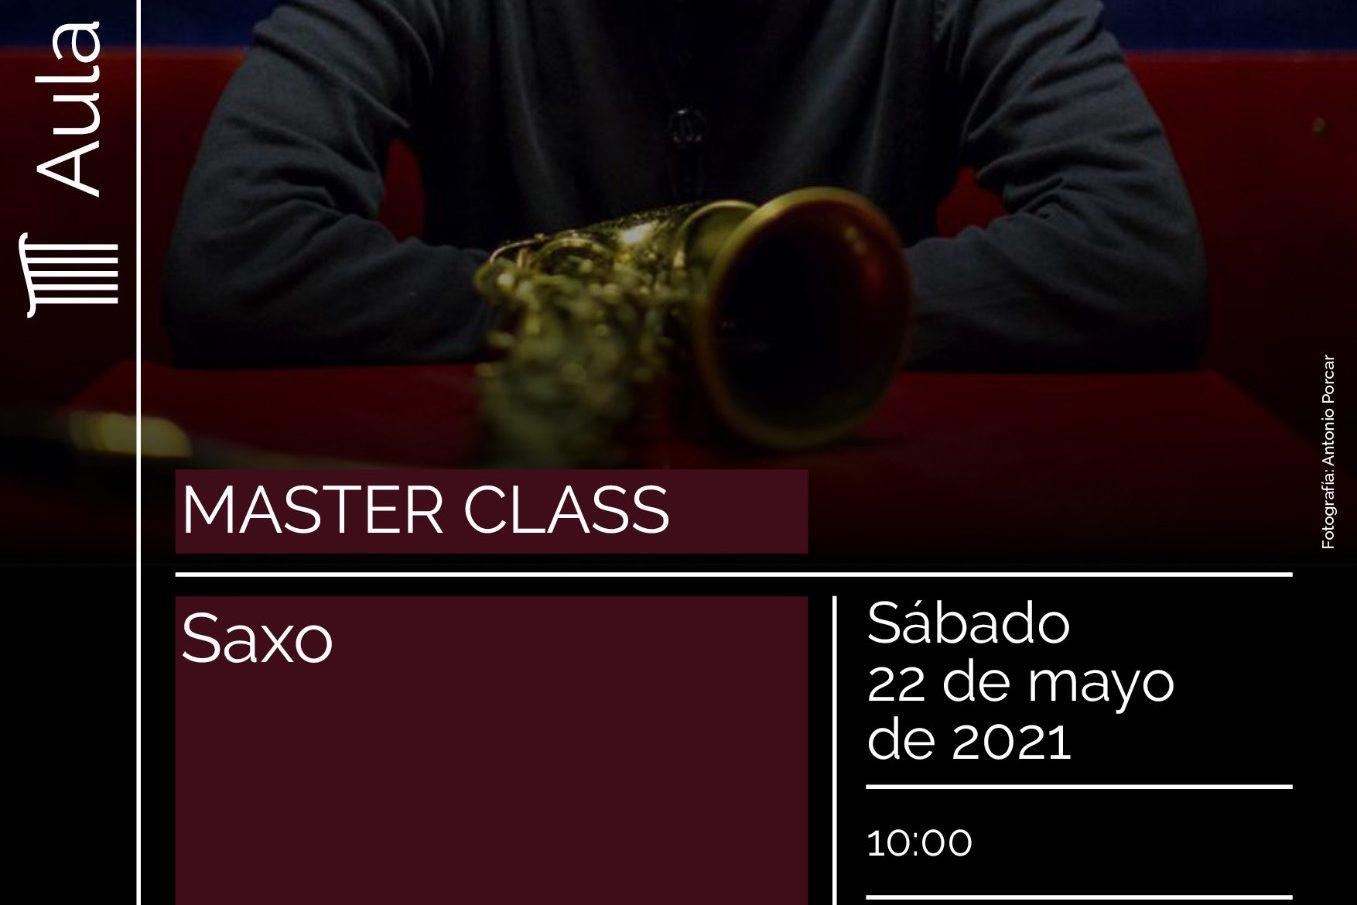 Máster Class: saxo alto. Víctor Jiménez